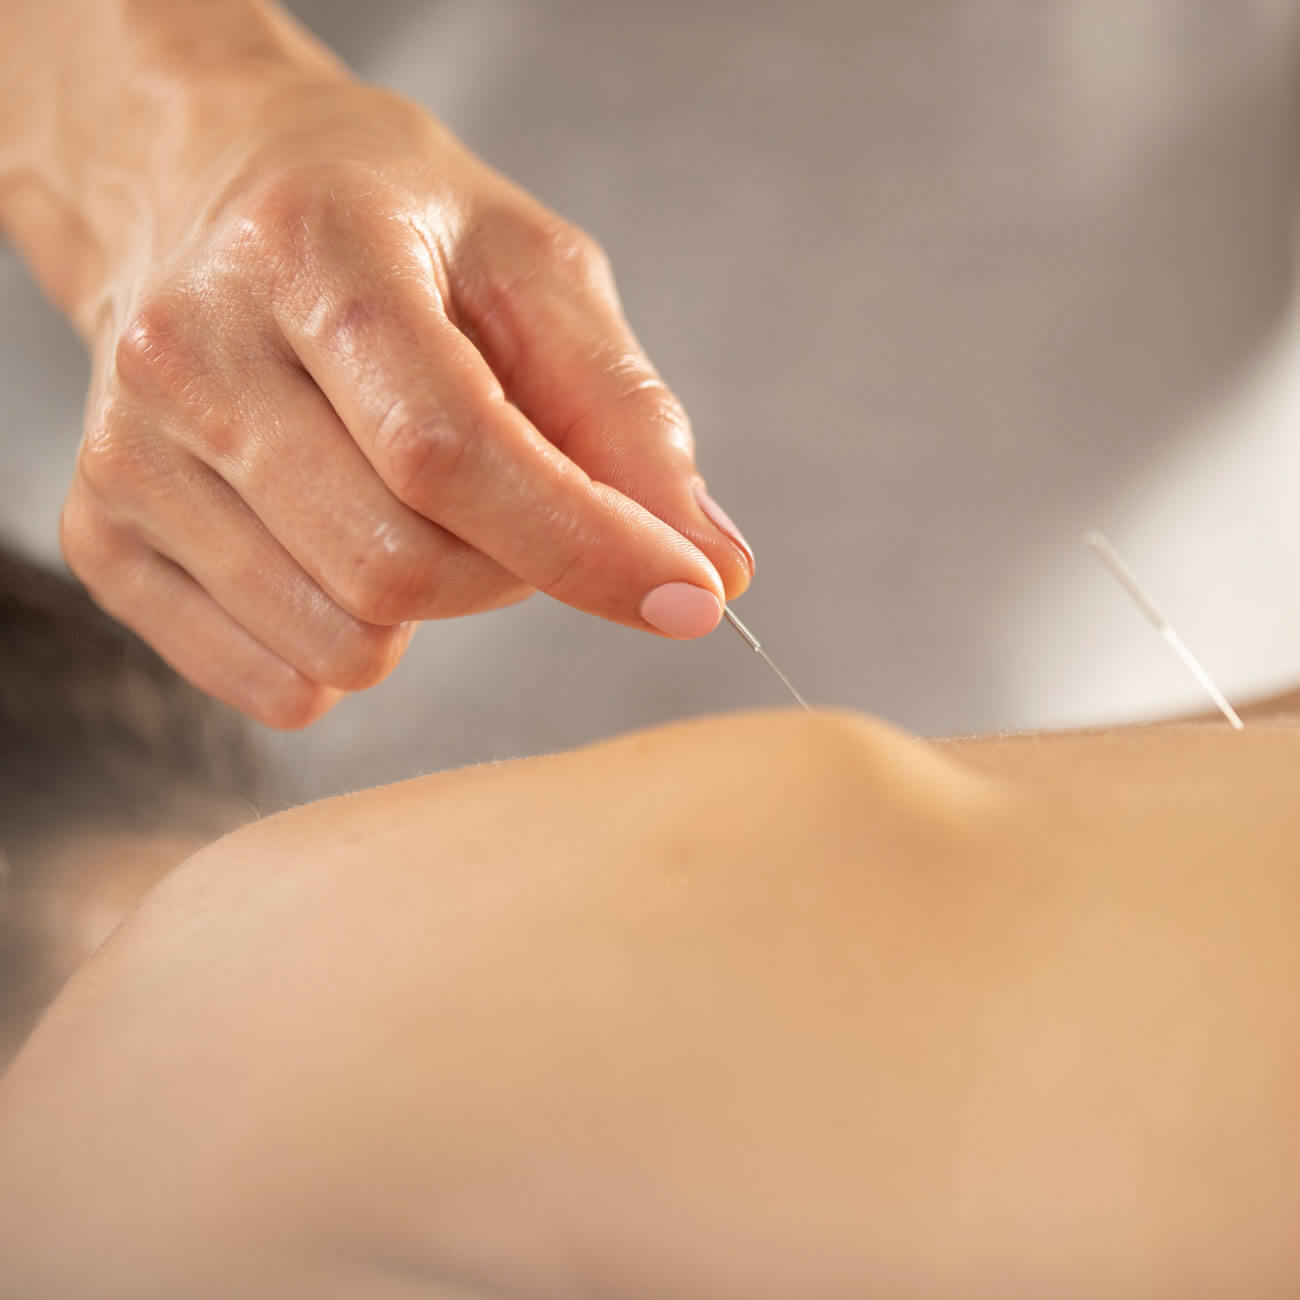 Affinity Treatment dry needling